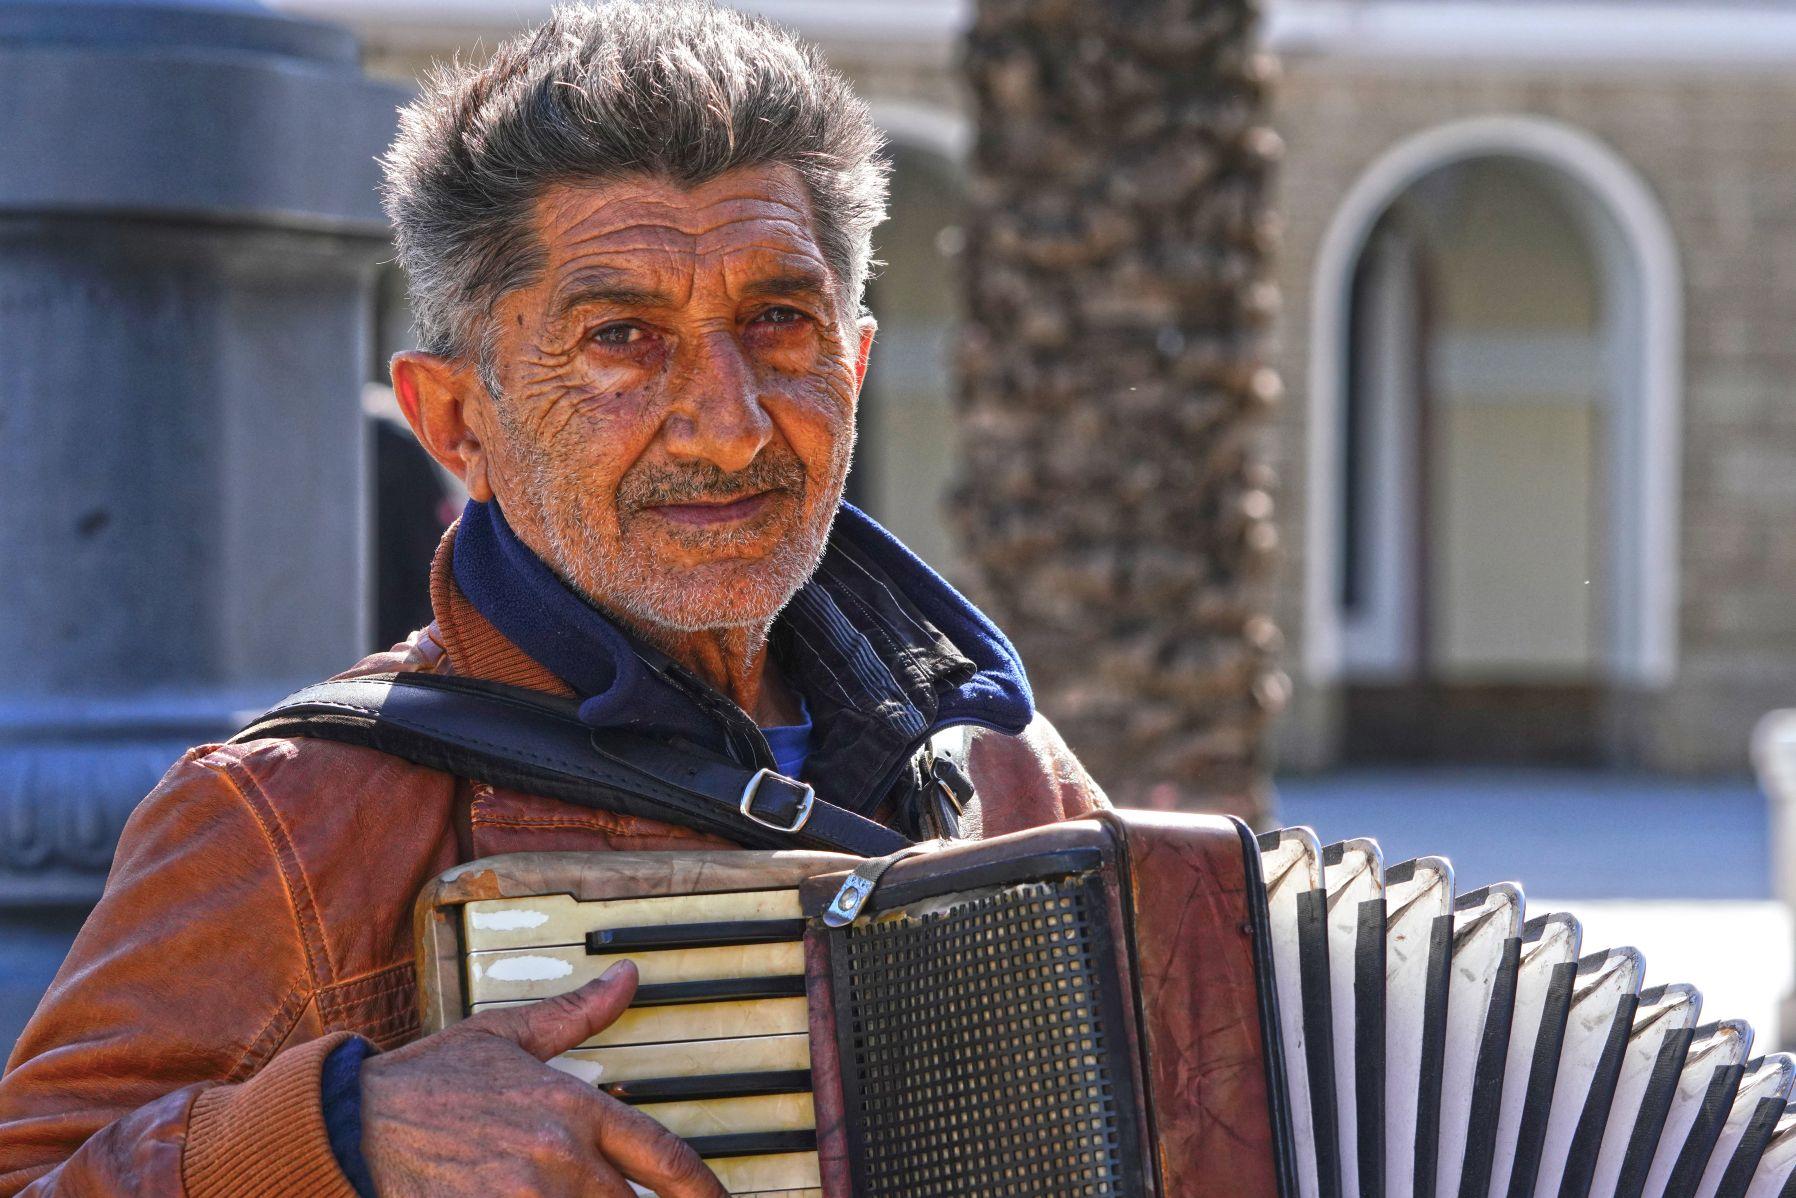 Straßenmusiker Potrait München